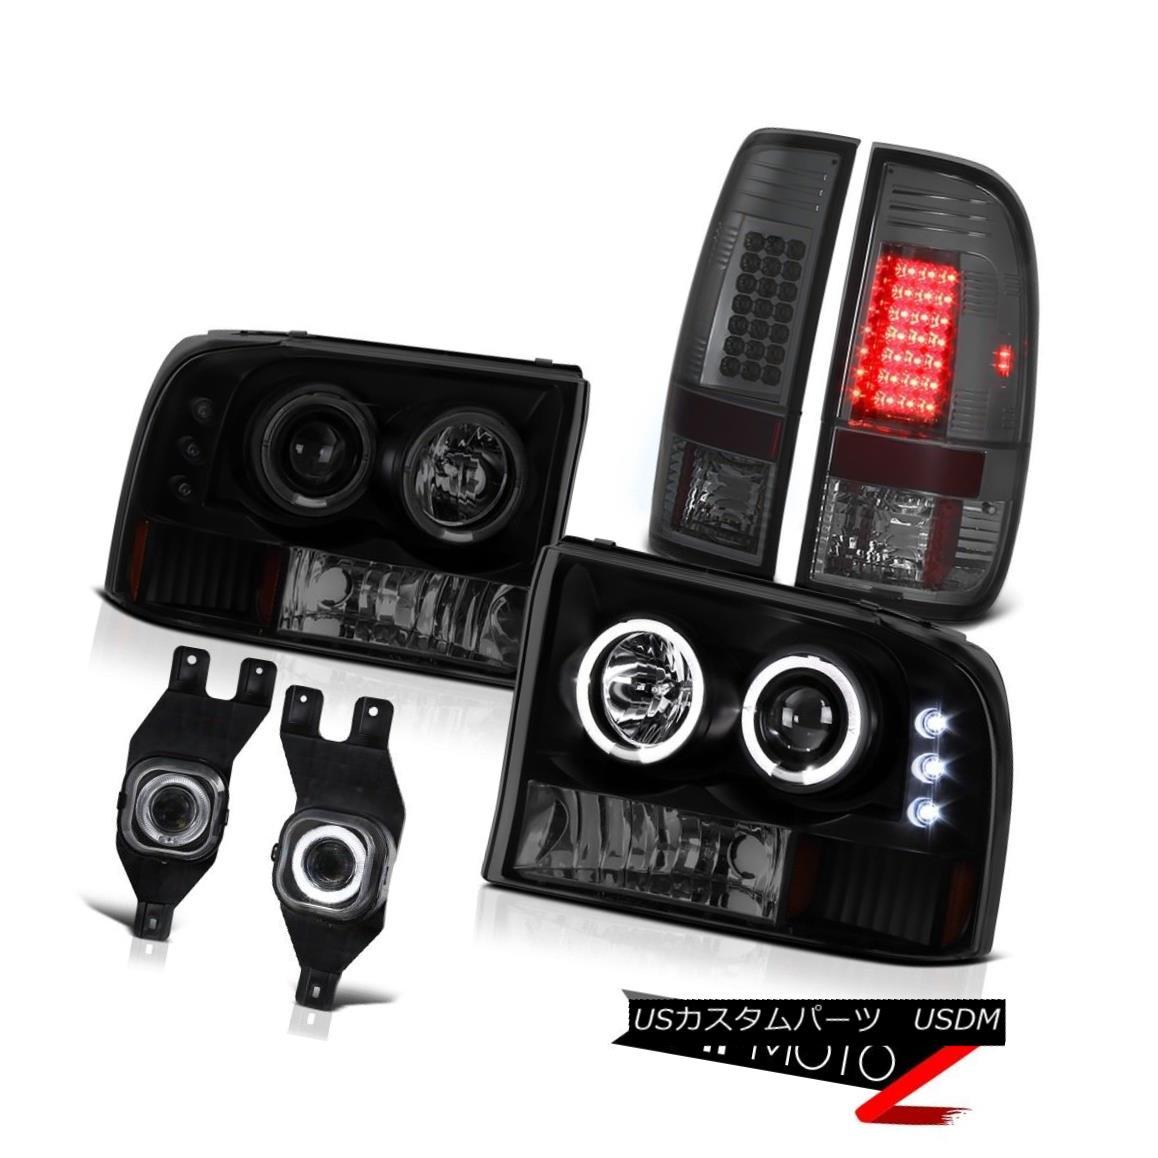 テールライト 99-04 F250 F350 F450 SuperDuty Smoke LED Tail Lights Smoke Black Halo Headlights 99-04 F250 F350 F450 SuperDutyスモークLEDテールライトスモークブラックHaloヘッドライト